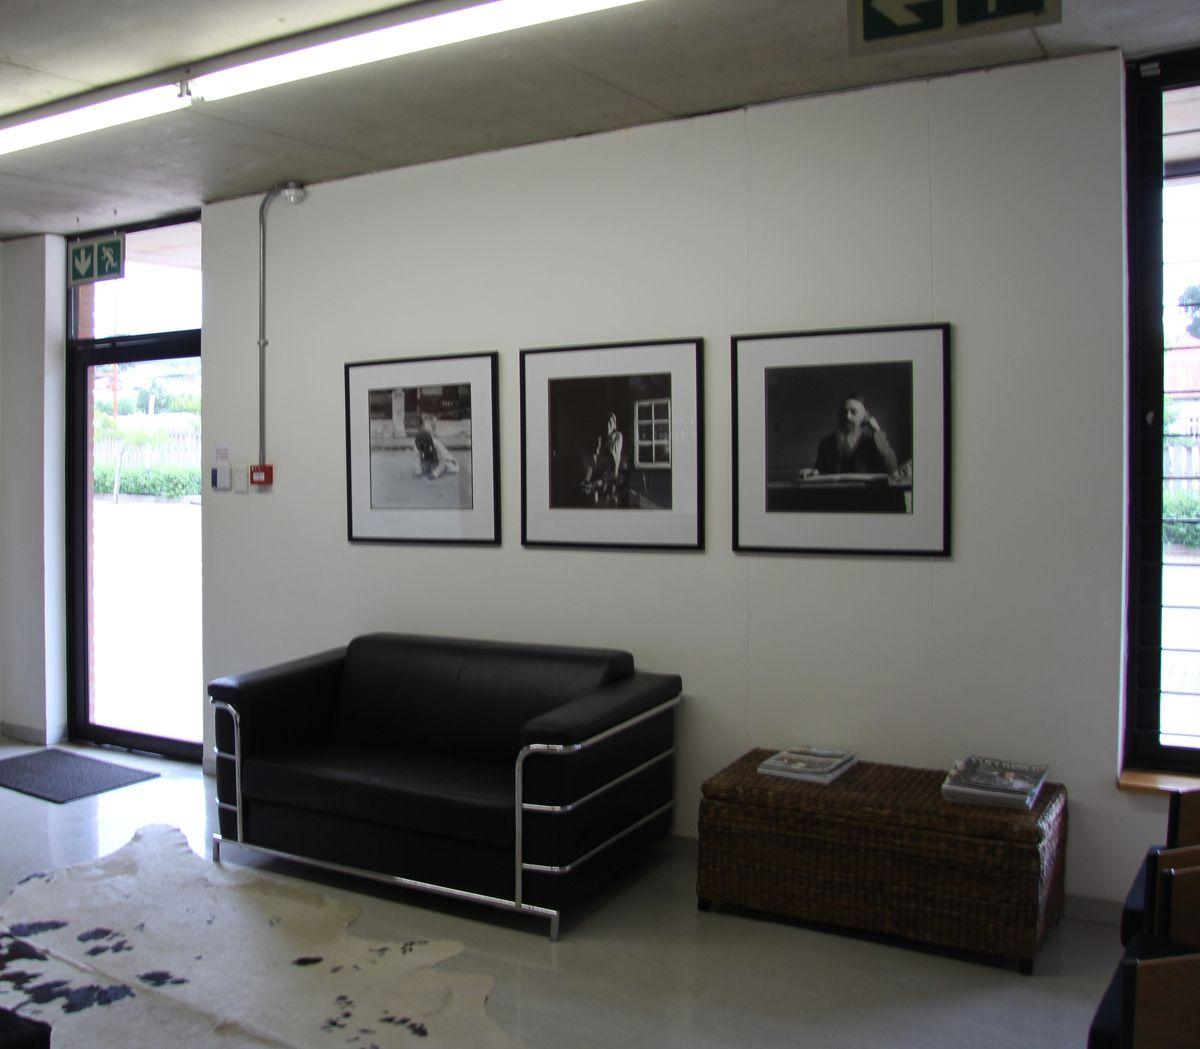 Image from http://4.bp.blogspot.com/_aU3G2f4y53E/TQSHXAIhxAI/AAAAAAAAAr0/Y8SqLbbYxRo/s1600/IMG_4279+Office+Lobby.jpg.